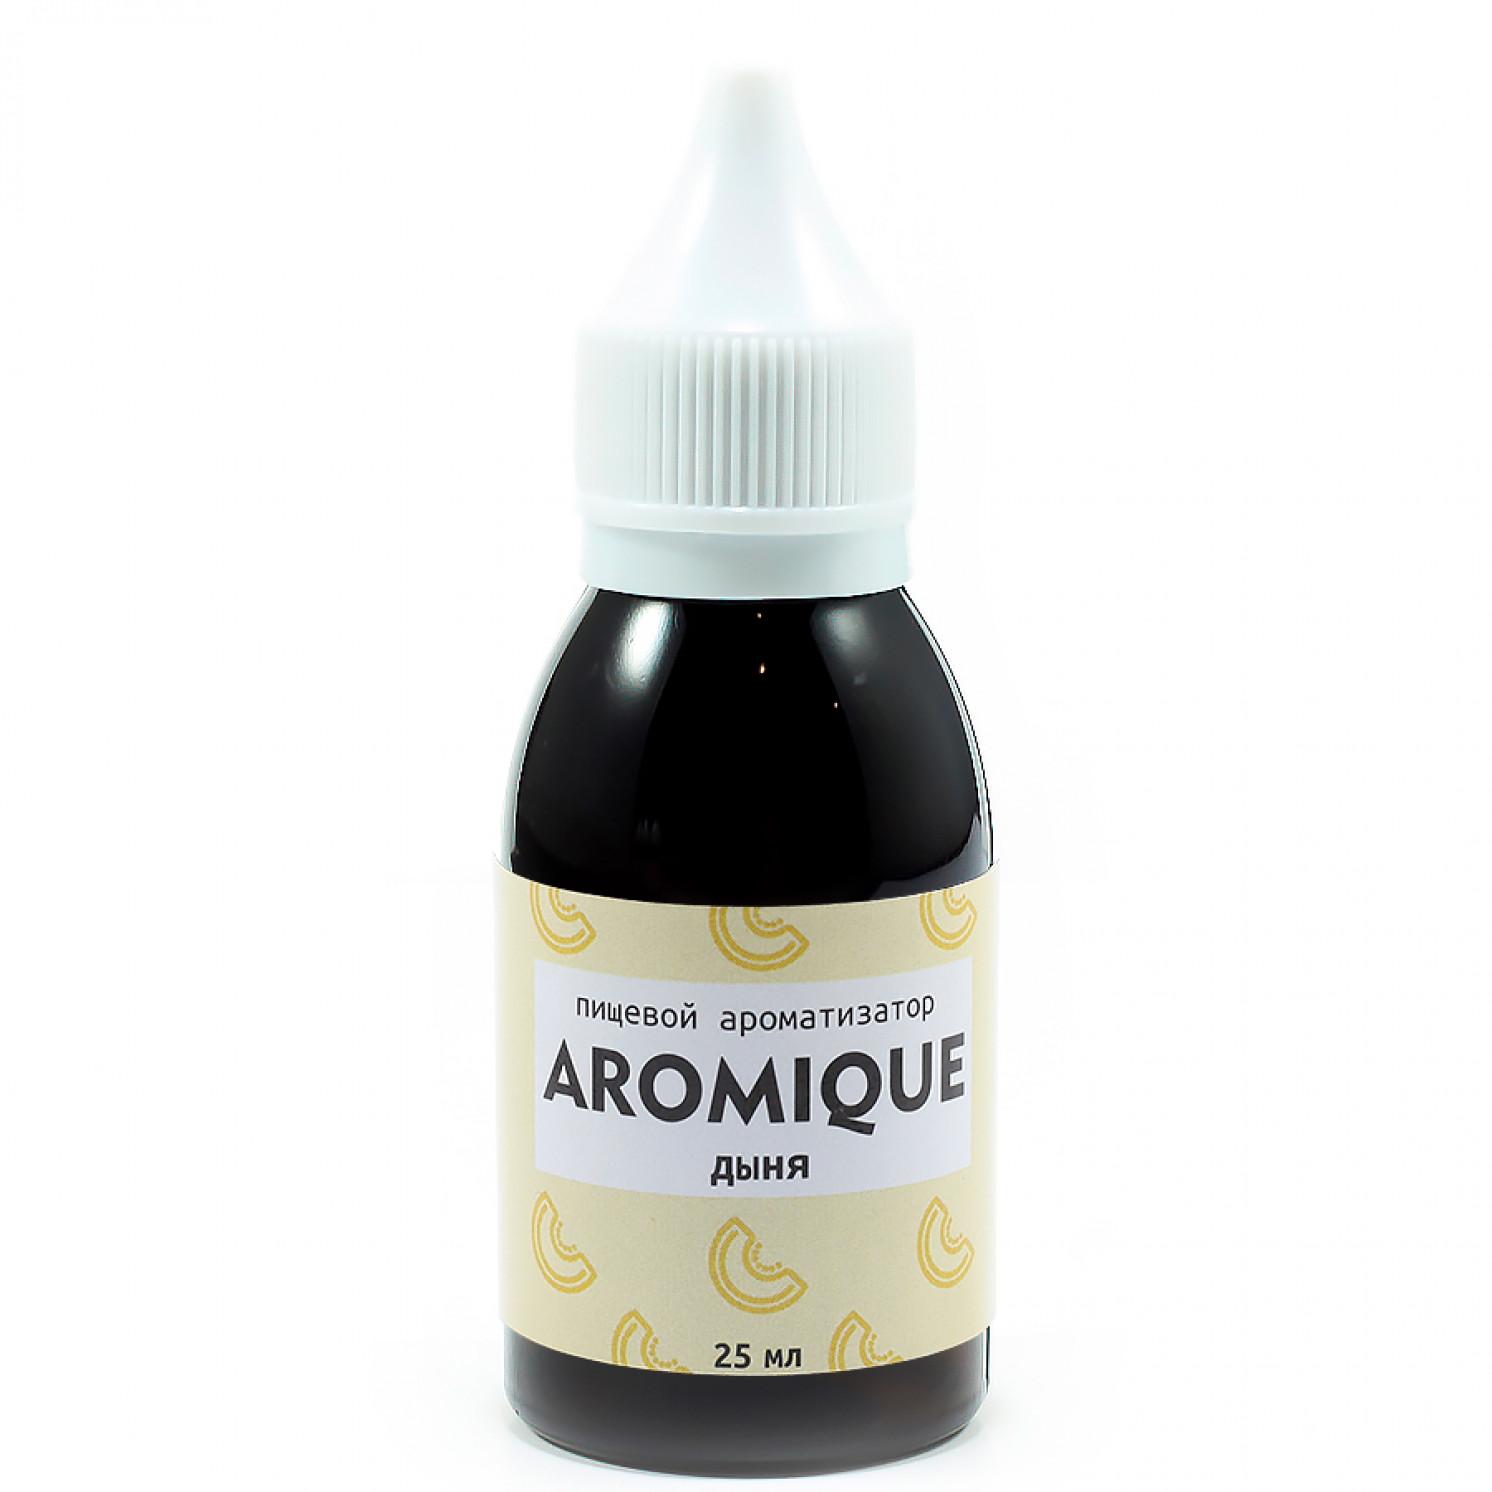 Пищевой ароматизатор Aromique Дыня, 25мл